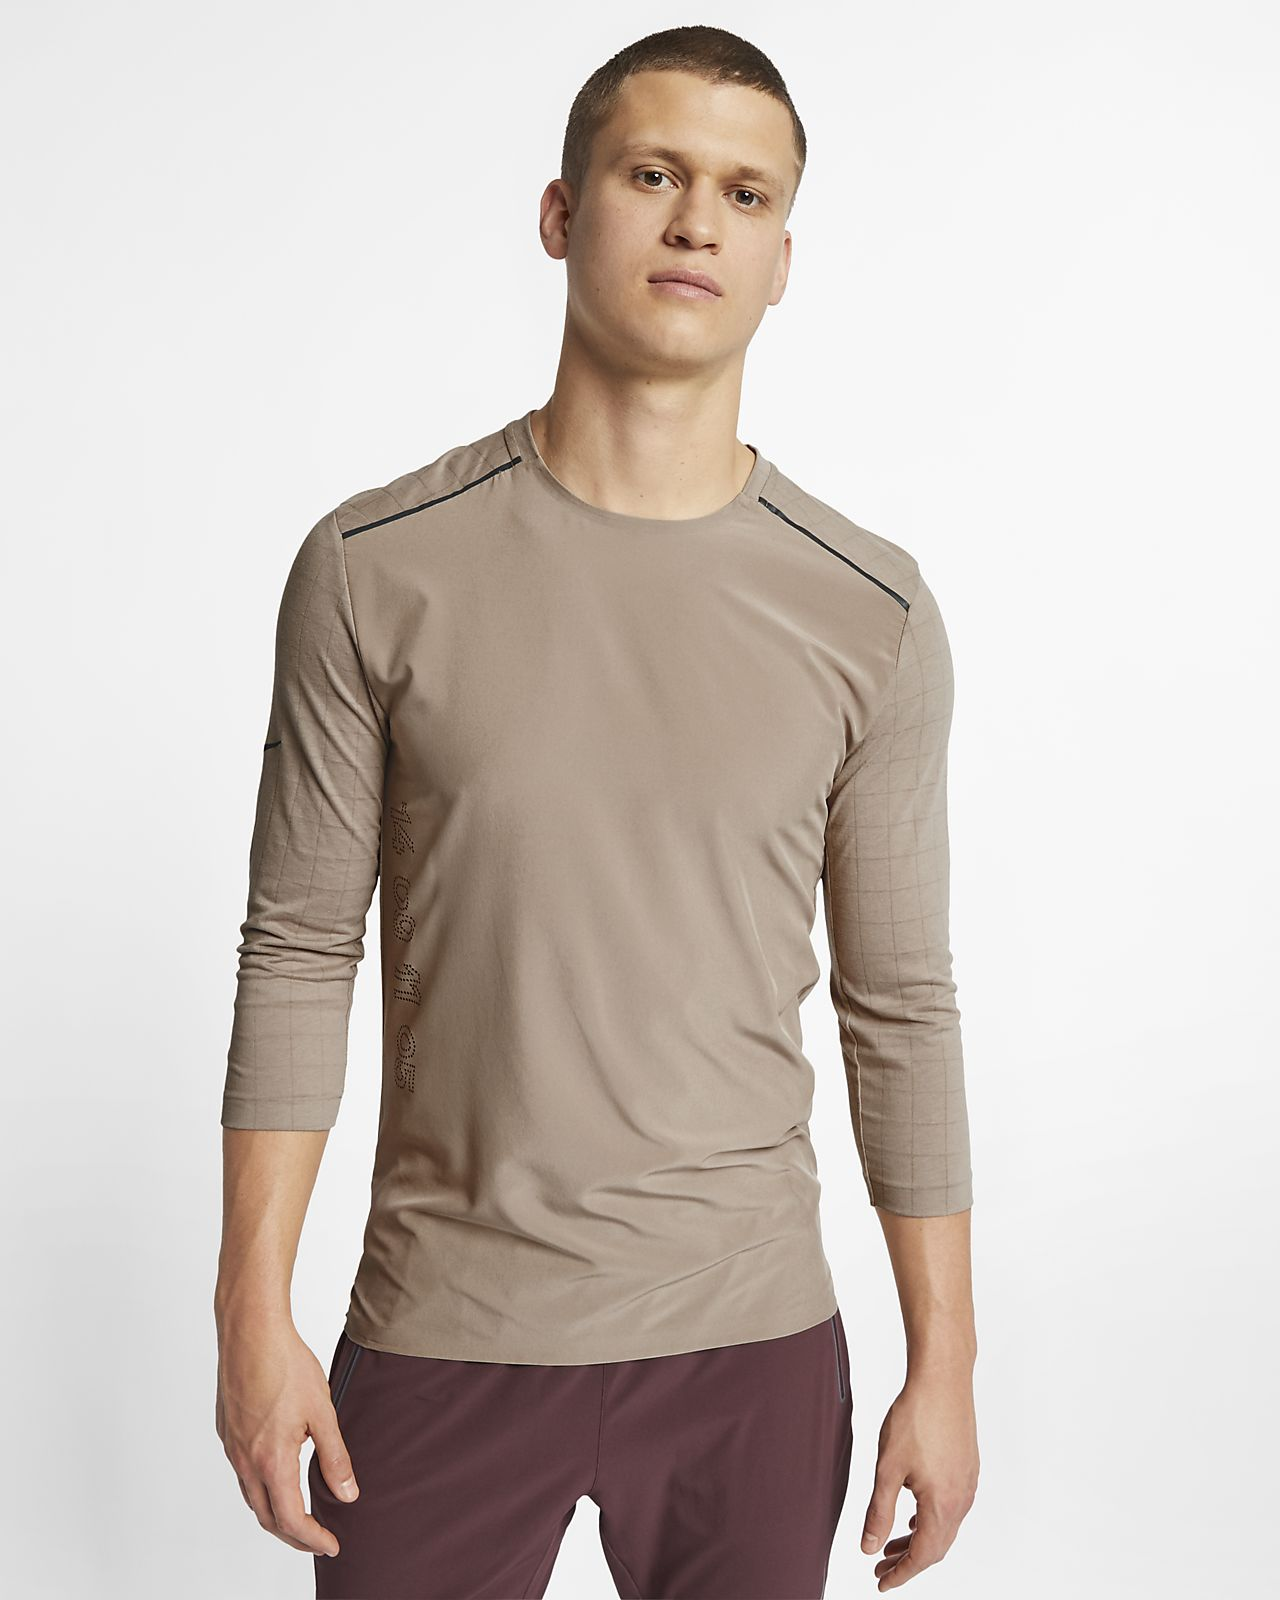 Мужская беговая футболка с рукавом 3/4 Nike Rise 365 Tech Pack